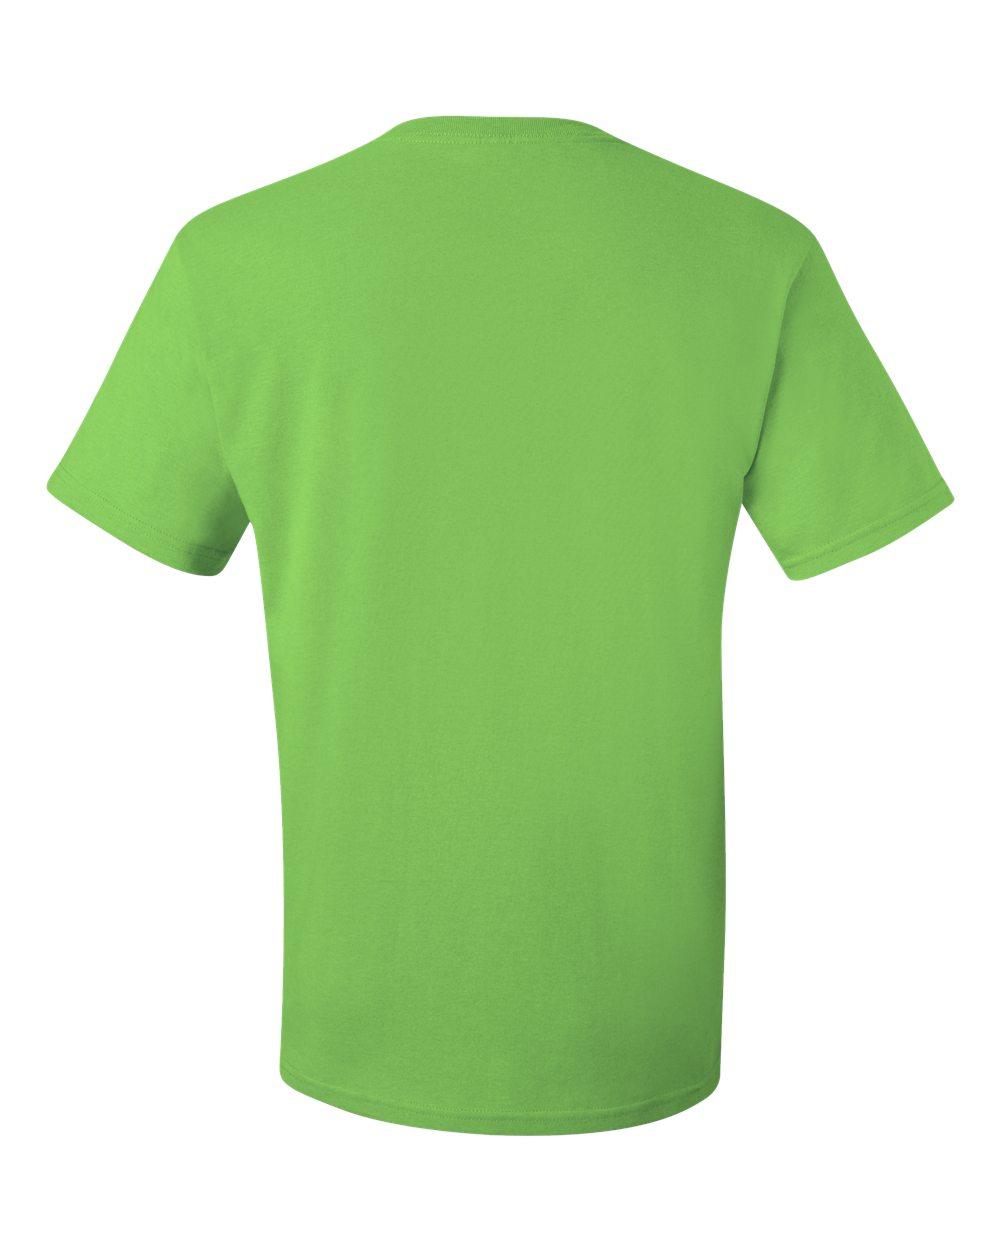 Jerzees-Men-039-s-5-6-oz-50-50-Heavyweight-Blend-T-Shirt-29M-S-4XL thumbnail 10